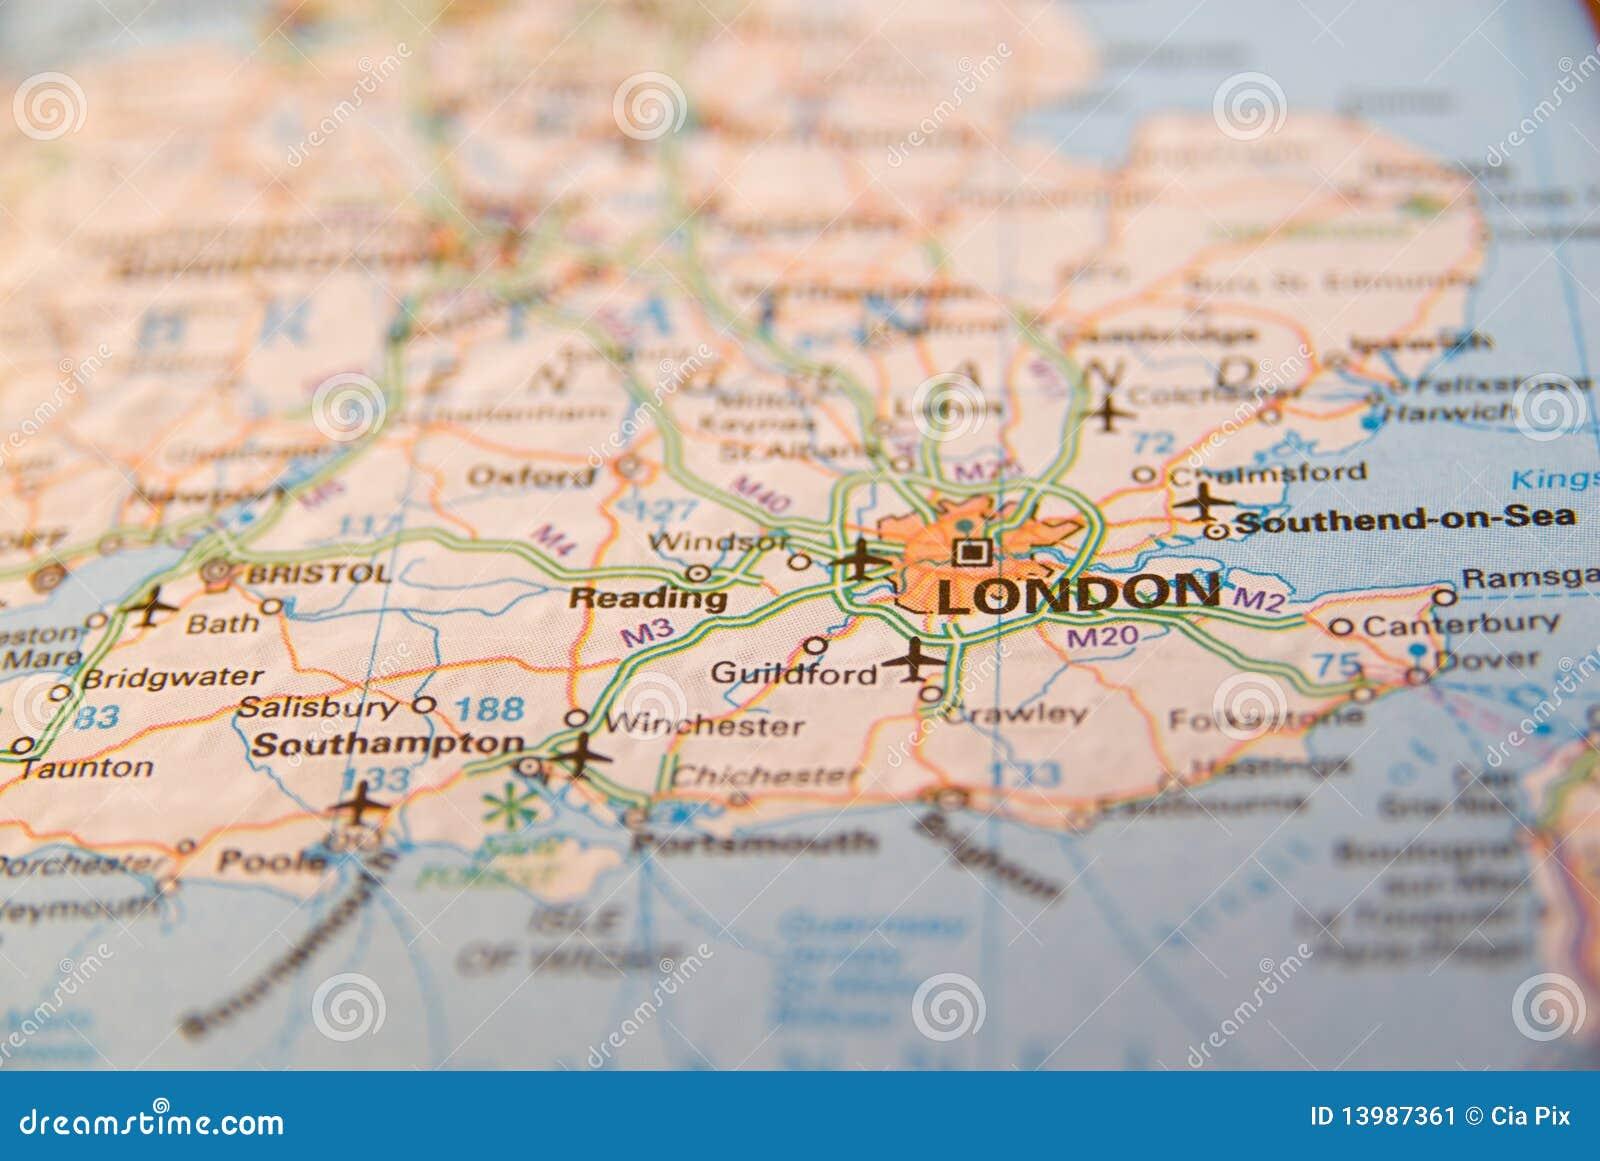 Carte Angleterre Cote Sud.Cote Sud De Carte De L Angleterre Image Stock Image Du